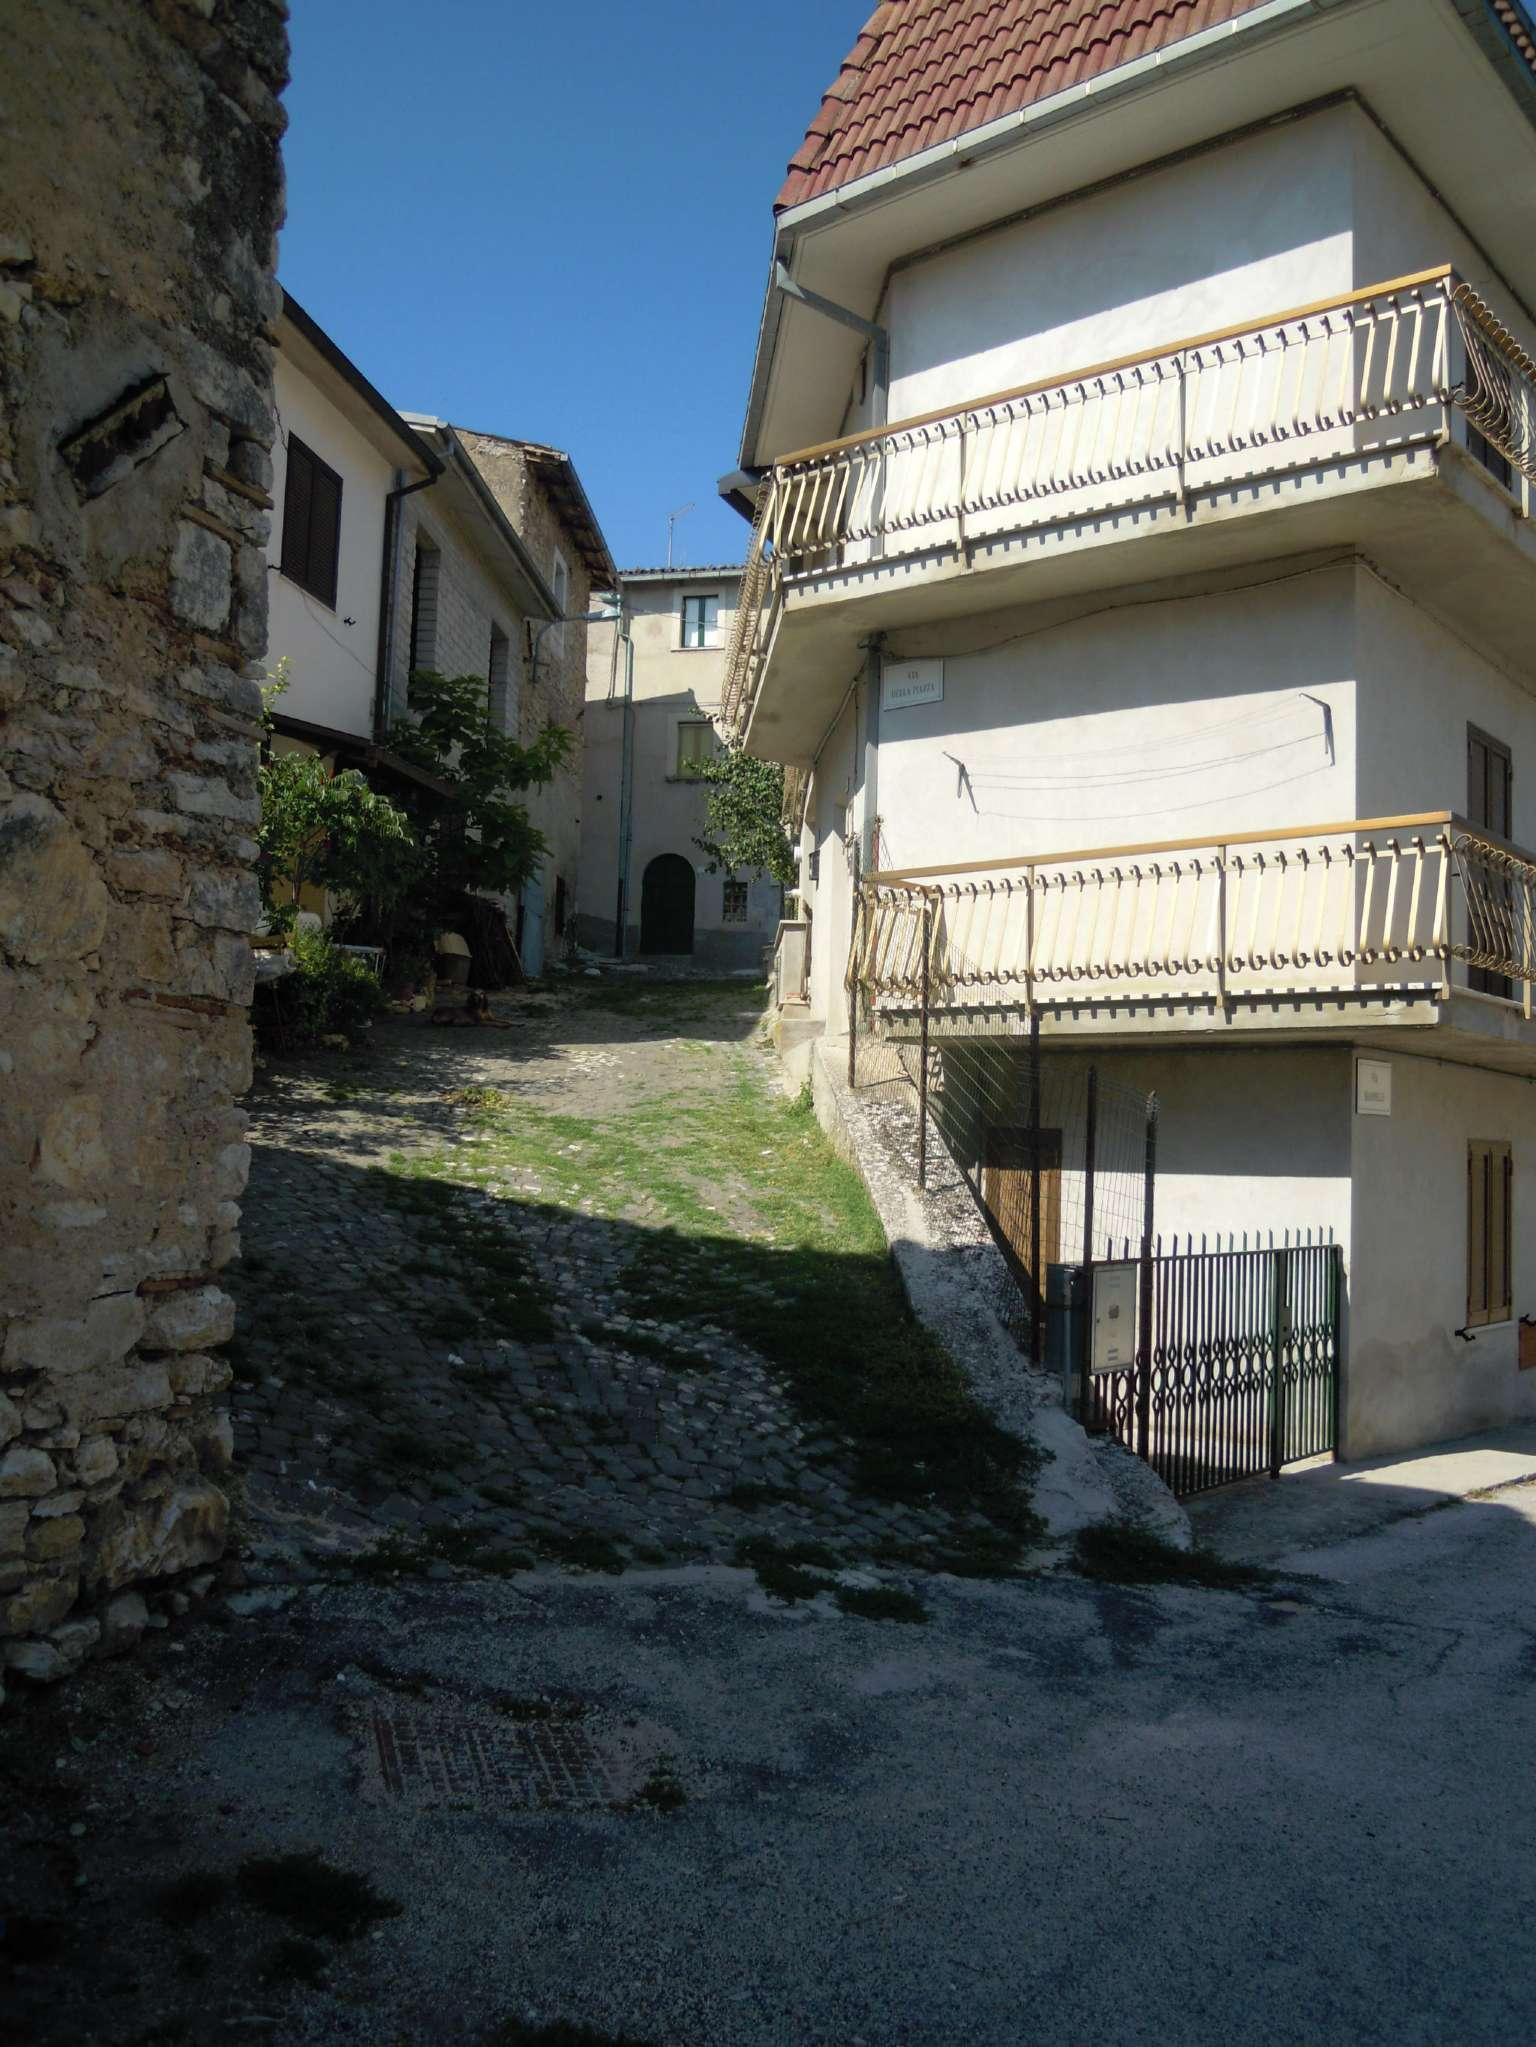 Appartamento in vendita a Barete, 3 locali, prezzo € 70.000 | CambioCasa.it